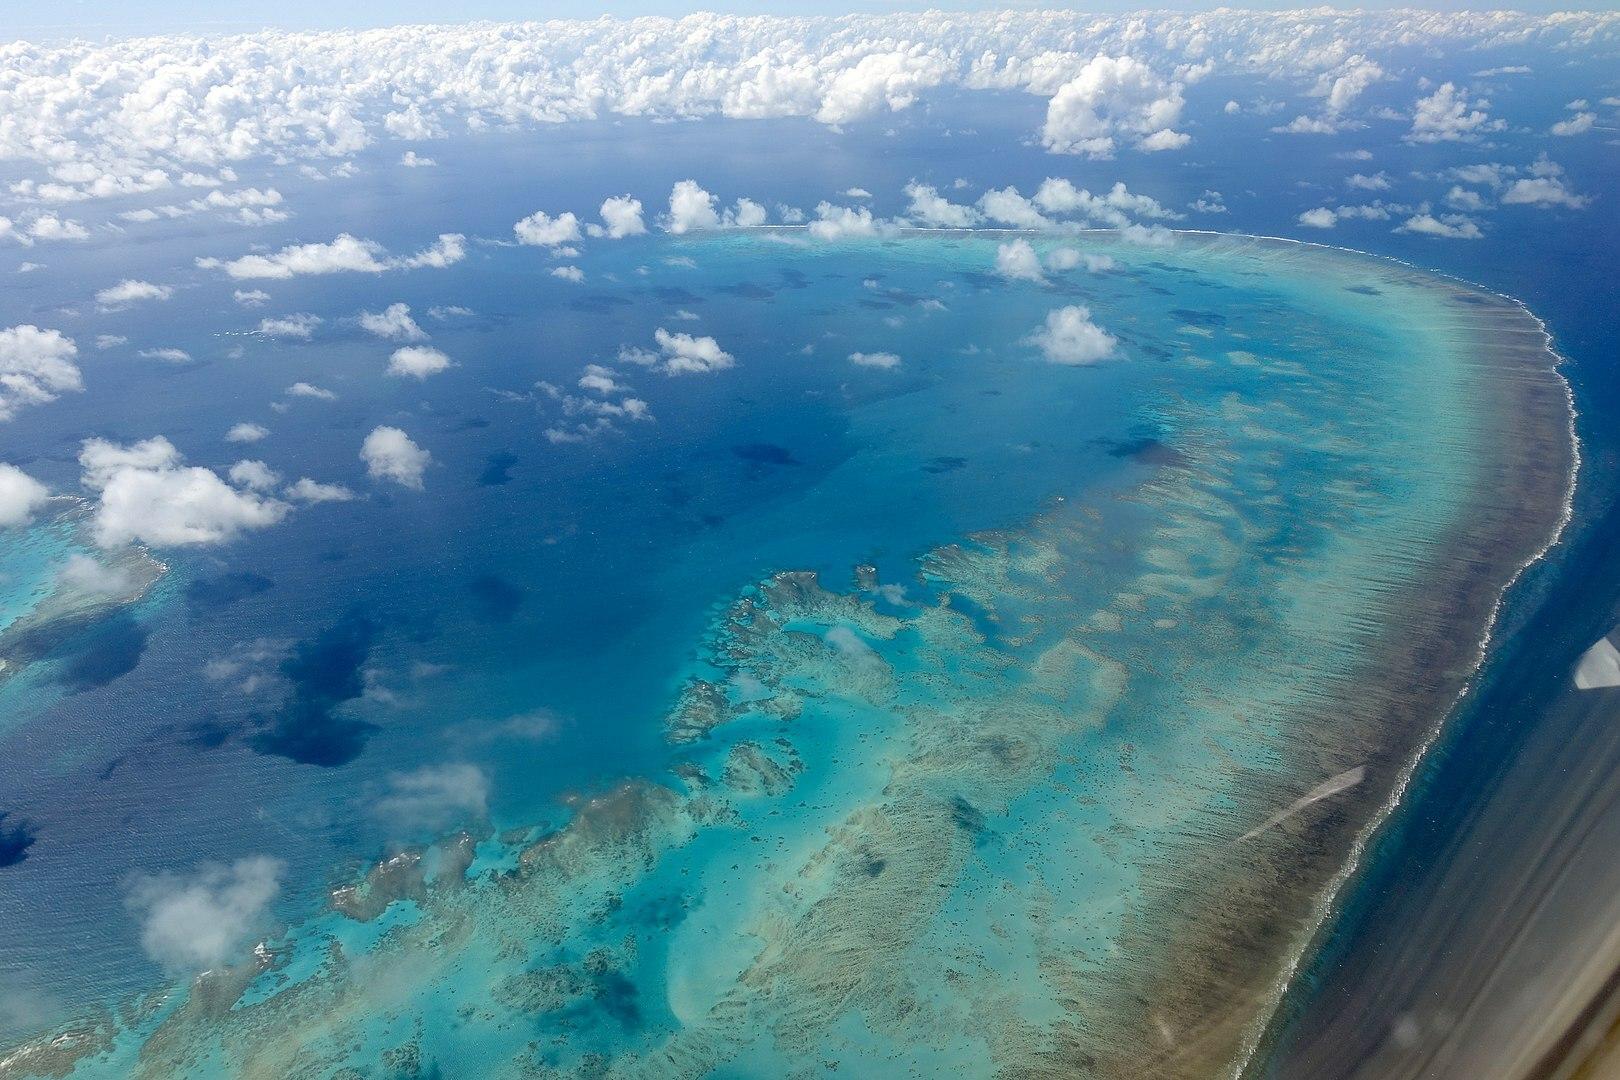 Aerial view of Arlington Reef